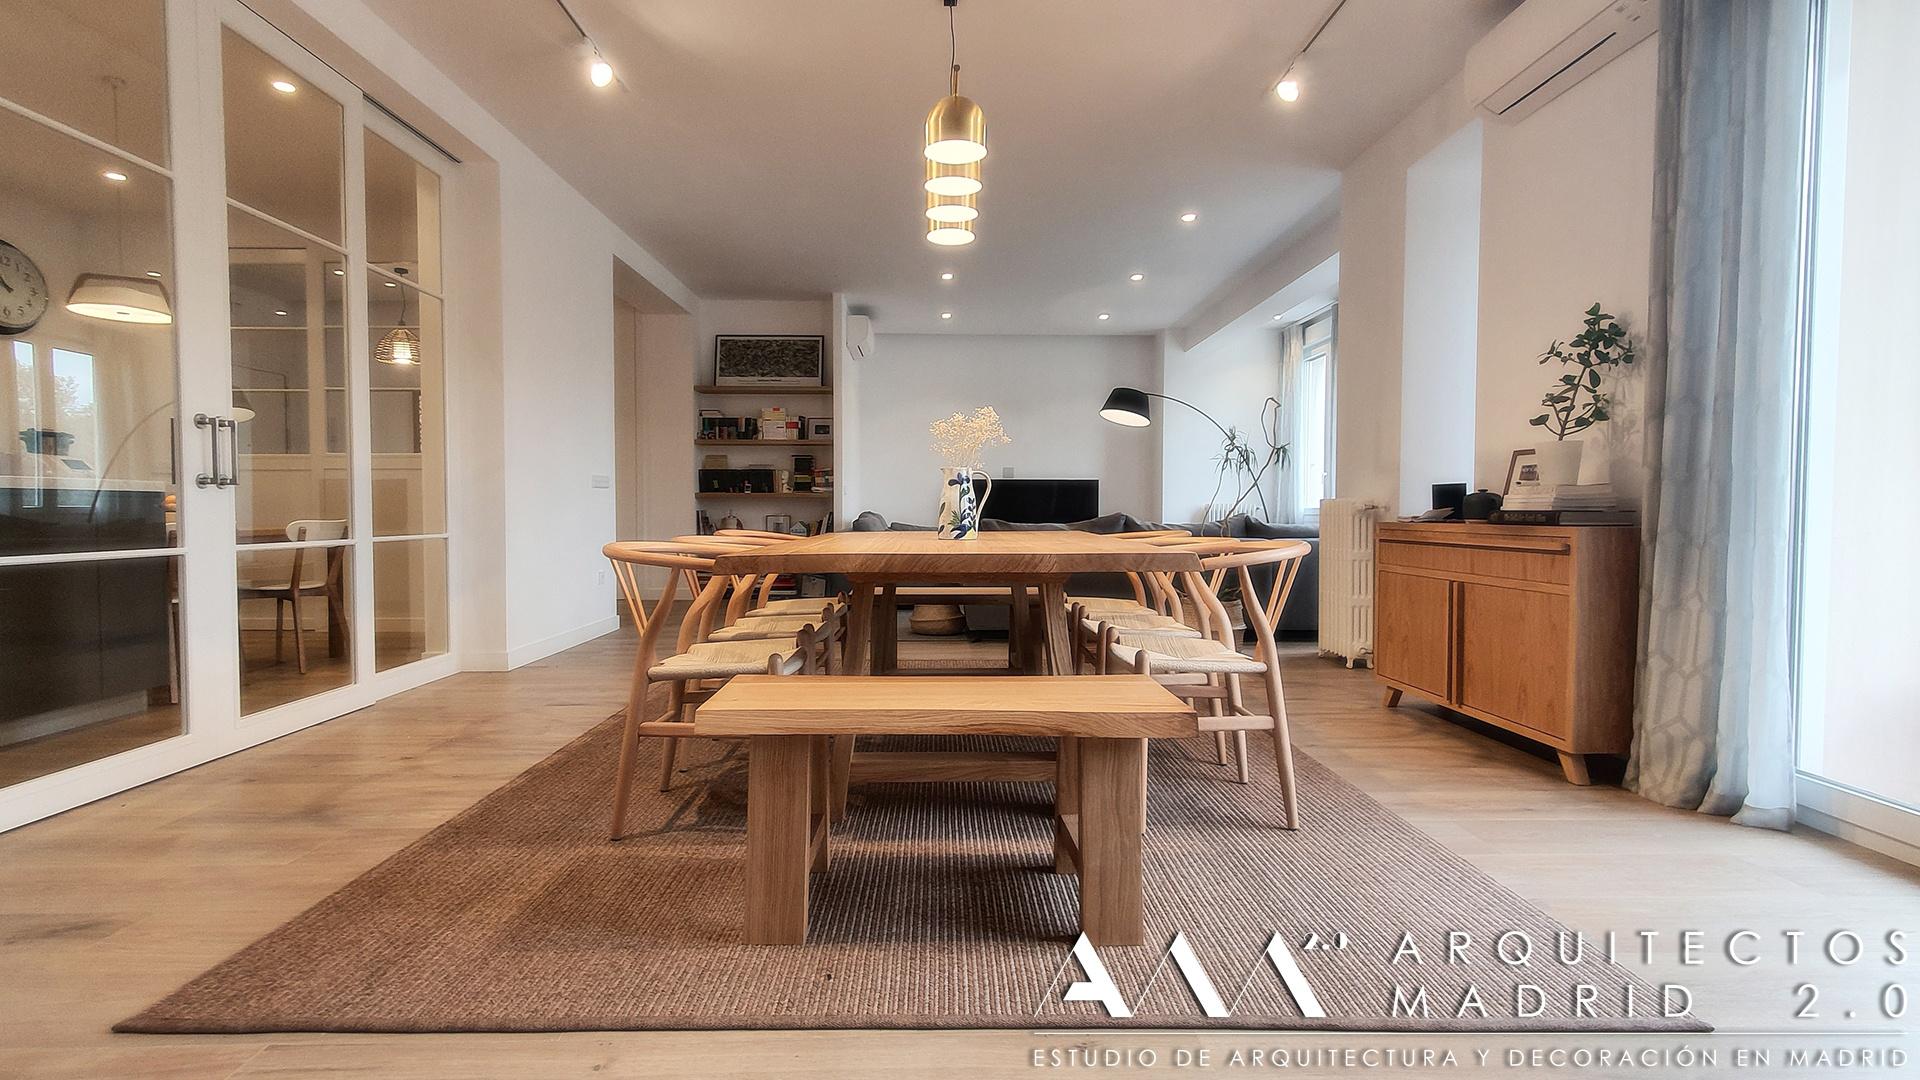 proyecto-reforma-integral-vivienda-arquitectos-madrid-ideas-decoracion-salon-cocina-home-interior-design-06